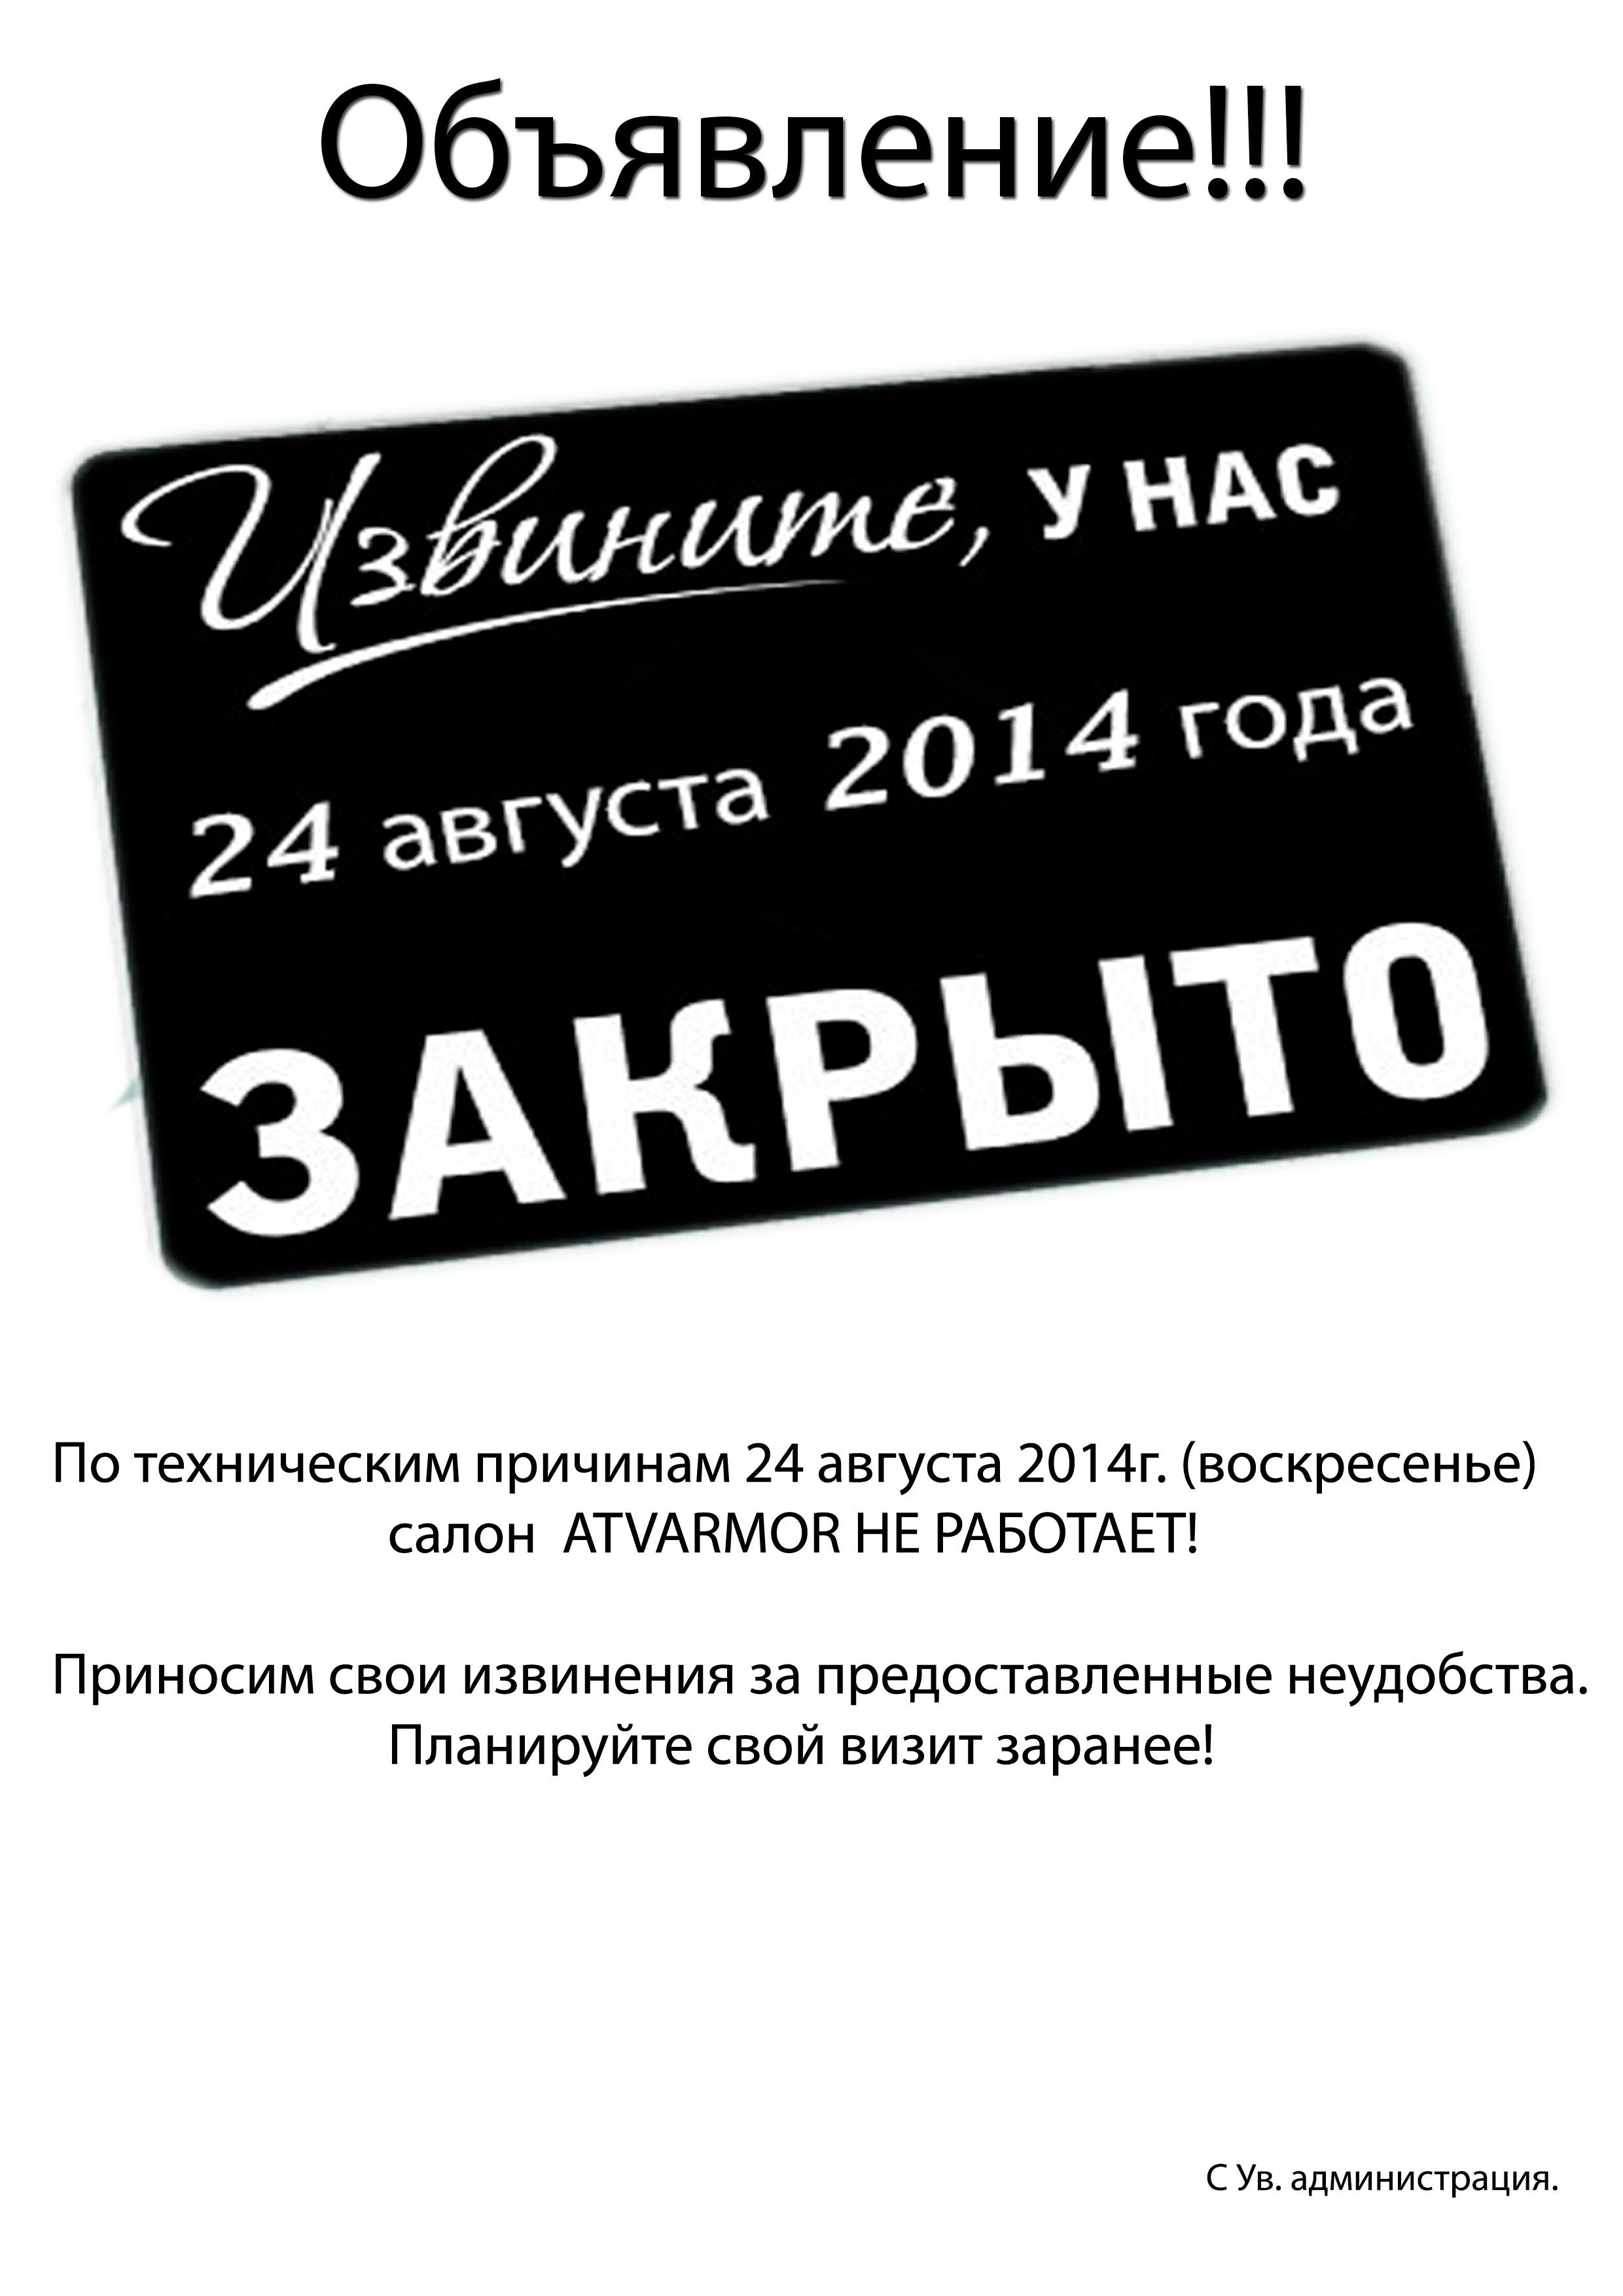 24 августа 2014 года (воскресенье), салон ATVARMOR НЕ РАБОТАЕТ!